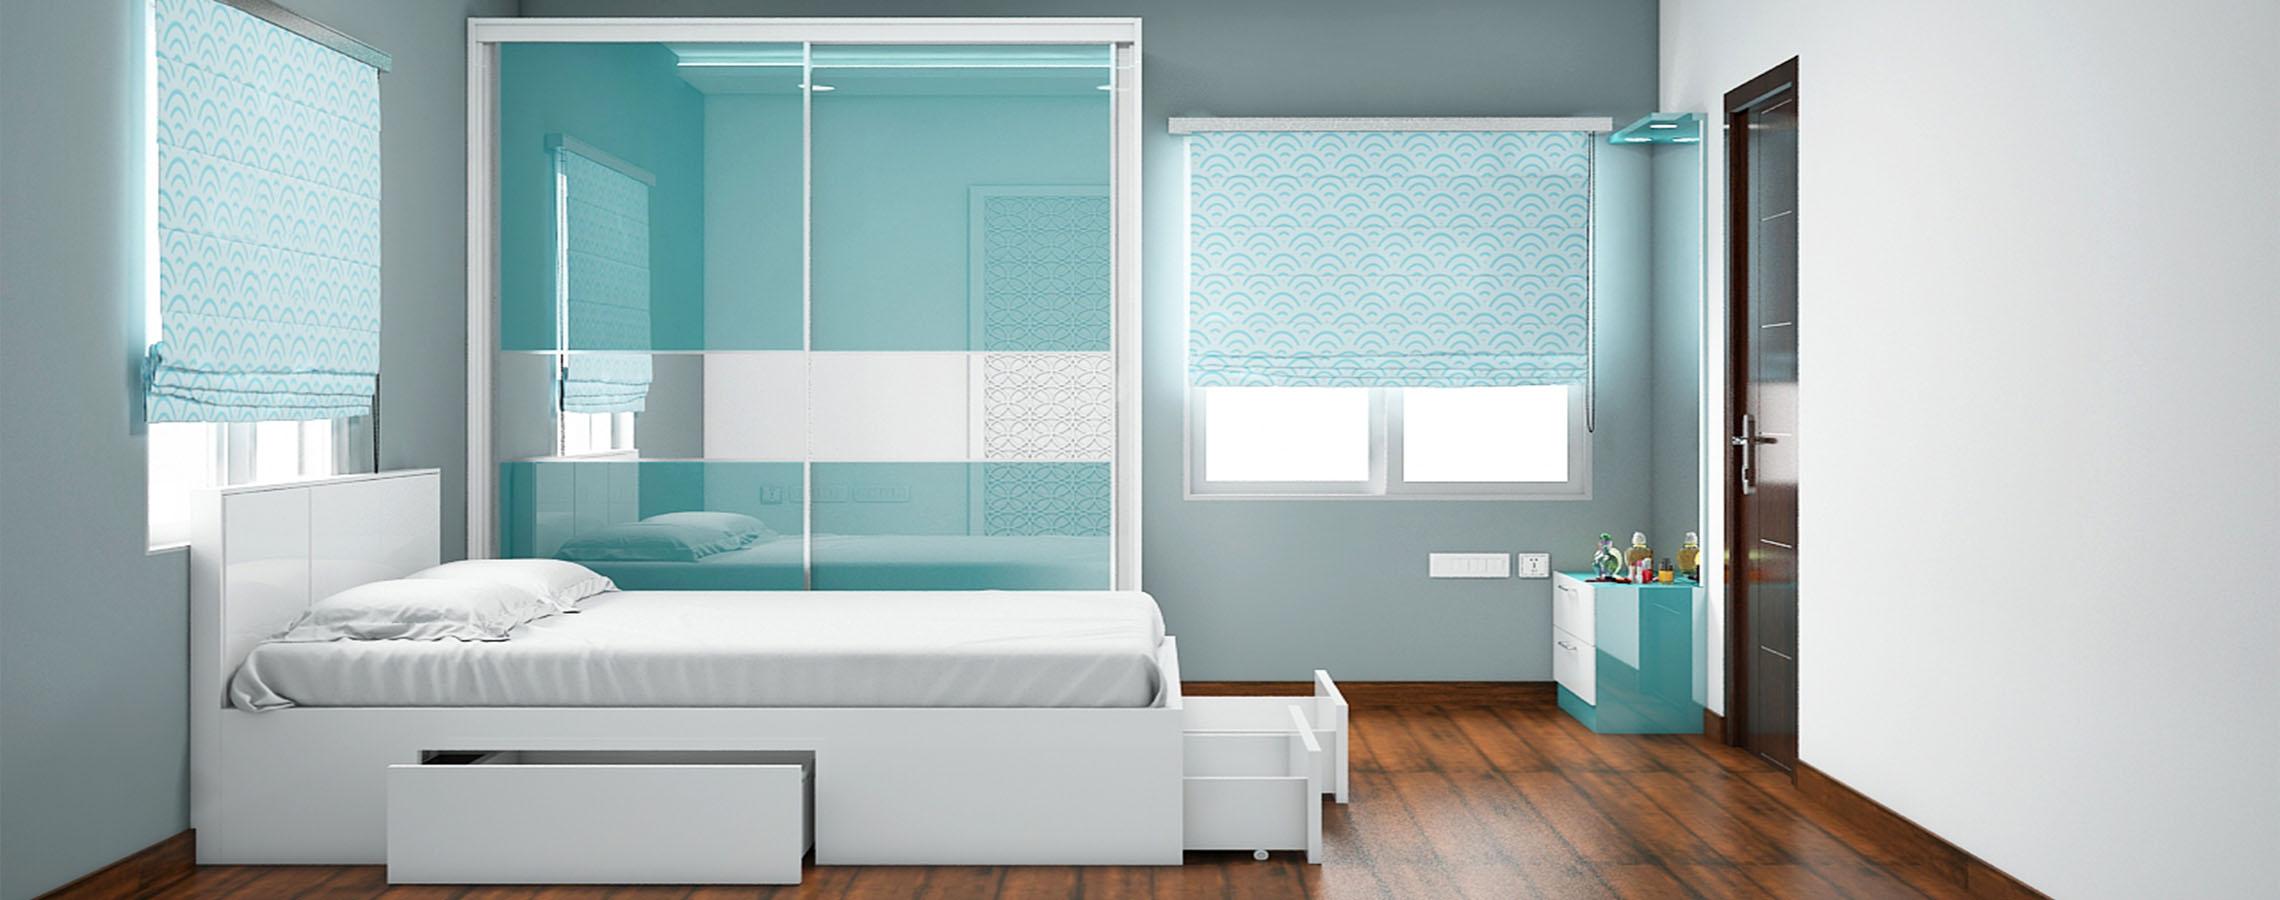 interior design consulation services - Furniture Design Services